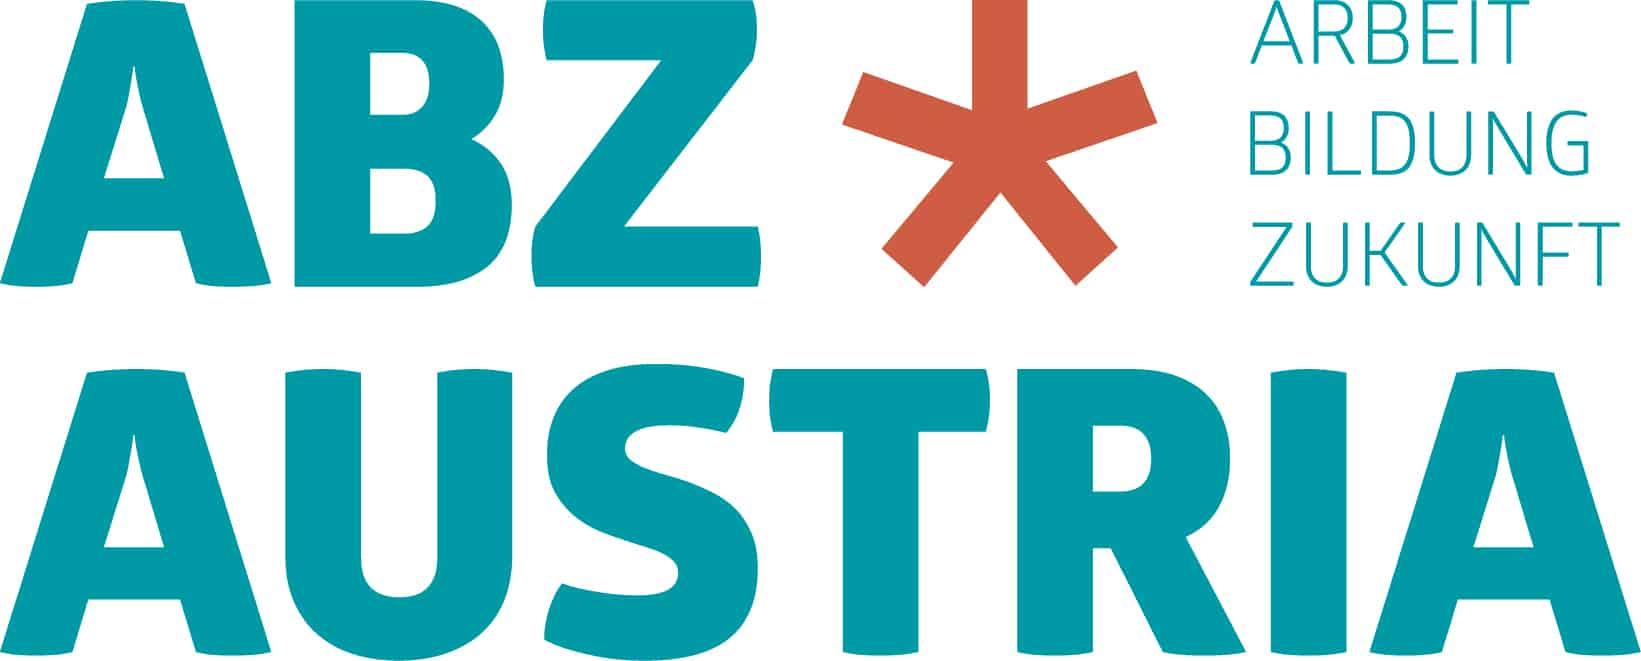 ABZ*AUSTRIA - Verein zur Förderung von Arbeit, Bildung und Zukunft von Frauen